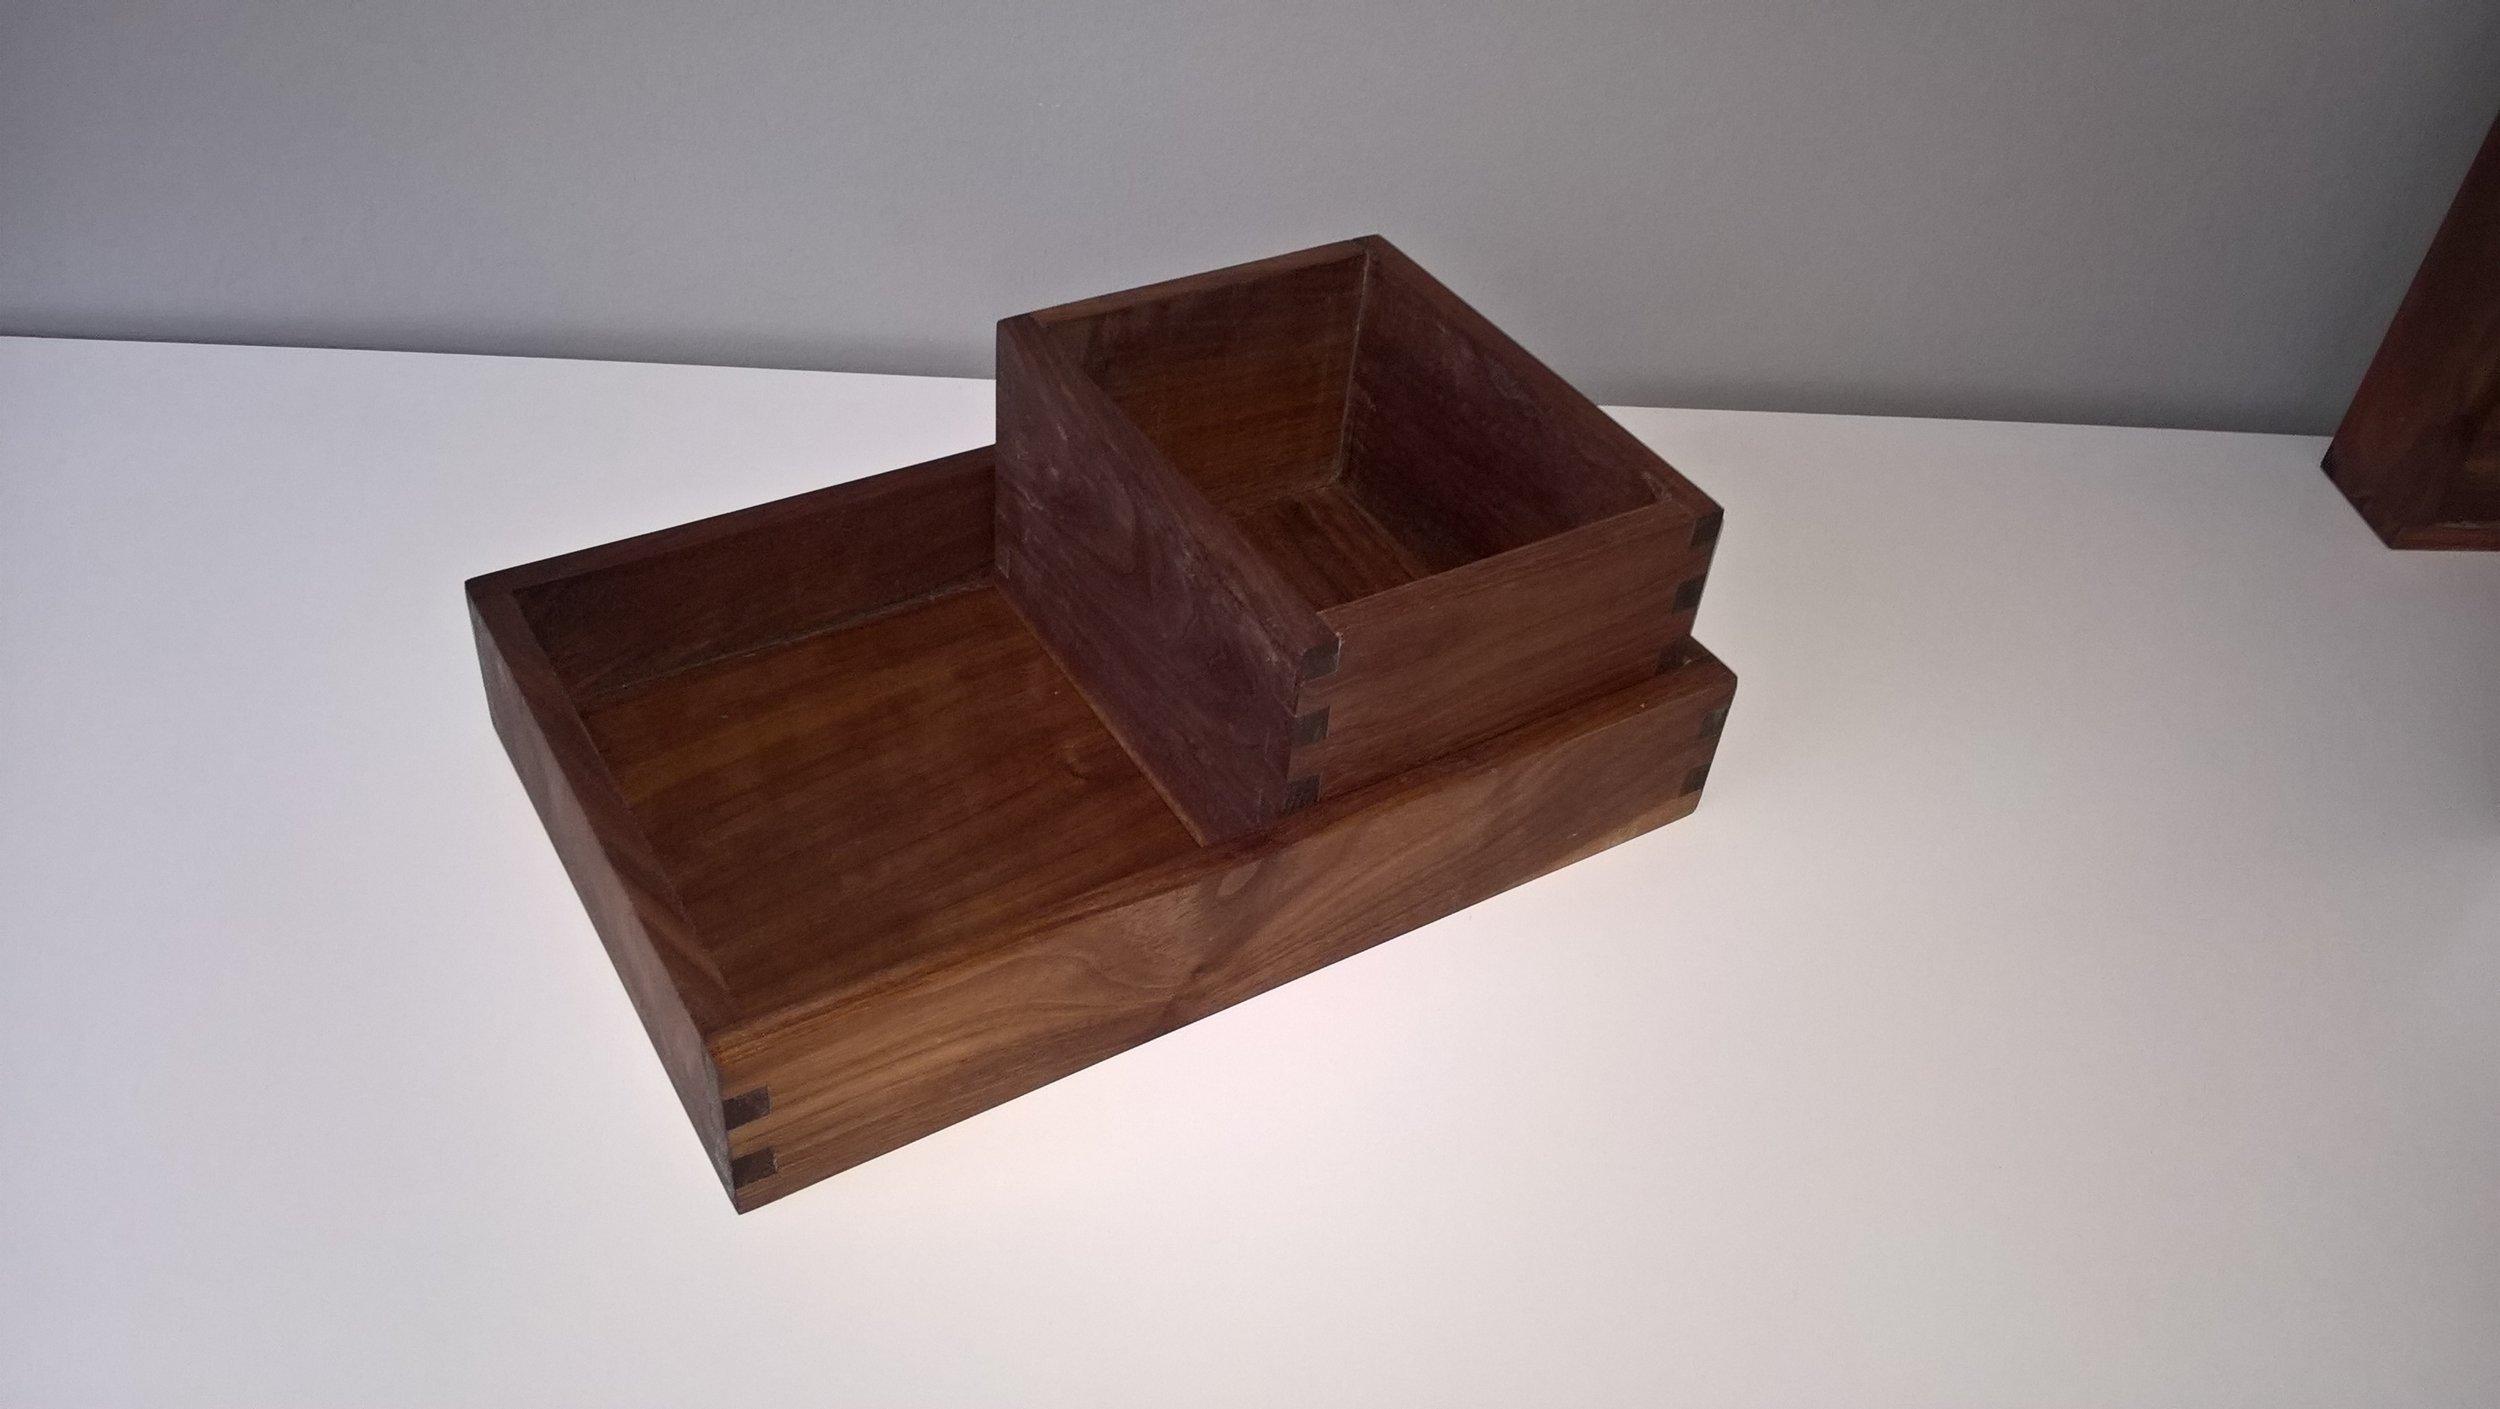 På billedet ses kombination af : 1 del fra dishbox - medium 1 del fra dishbox - large